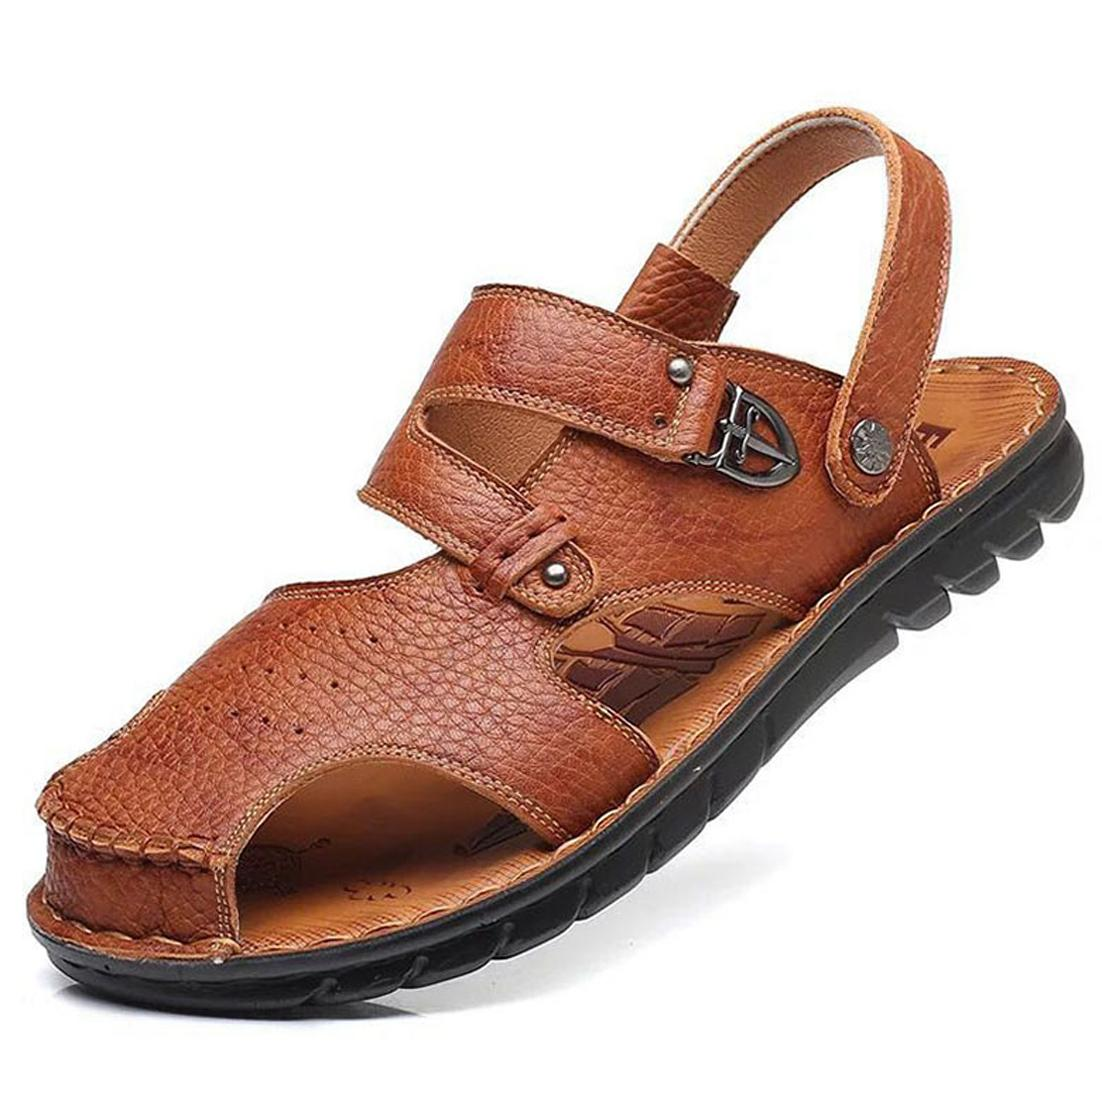 2020 lüks sihirli çubuk siyah beyaz cowskin gerçek deri platformu tasarımcı sandalet kadın moda ayakkabılar boyutu 35-41 tradingbear 11P646